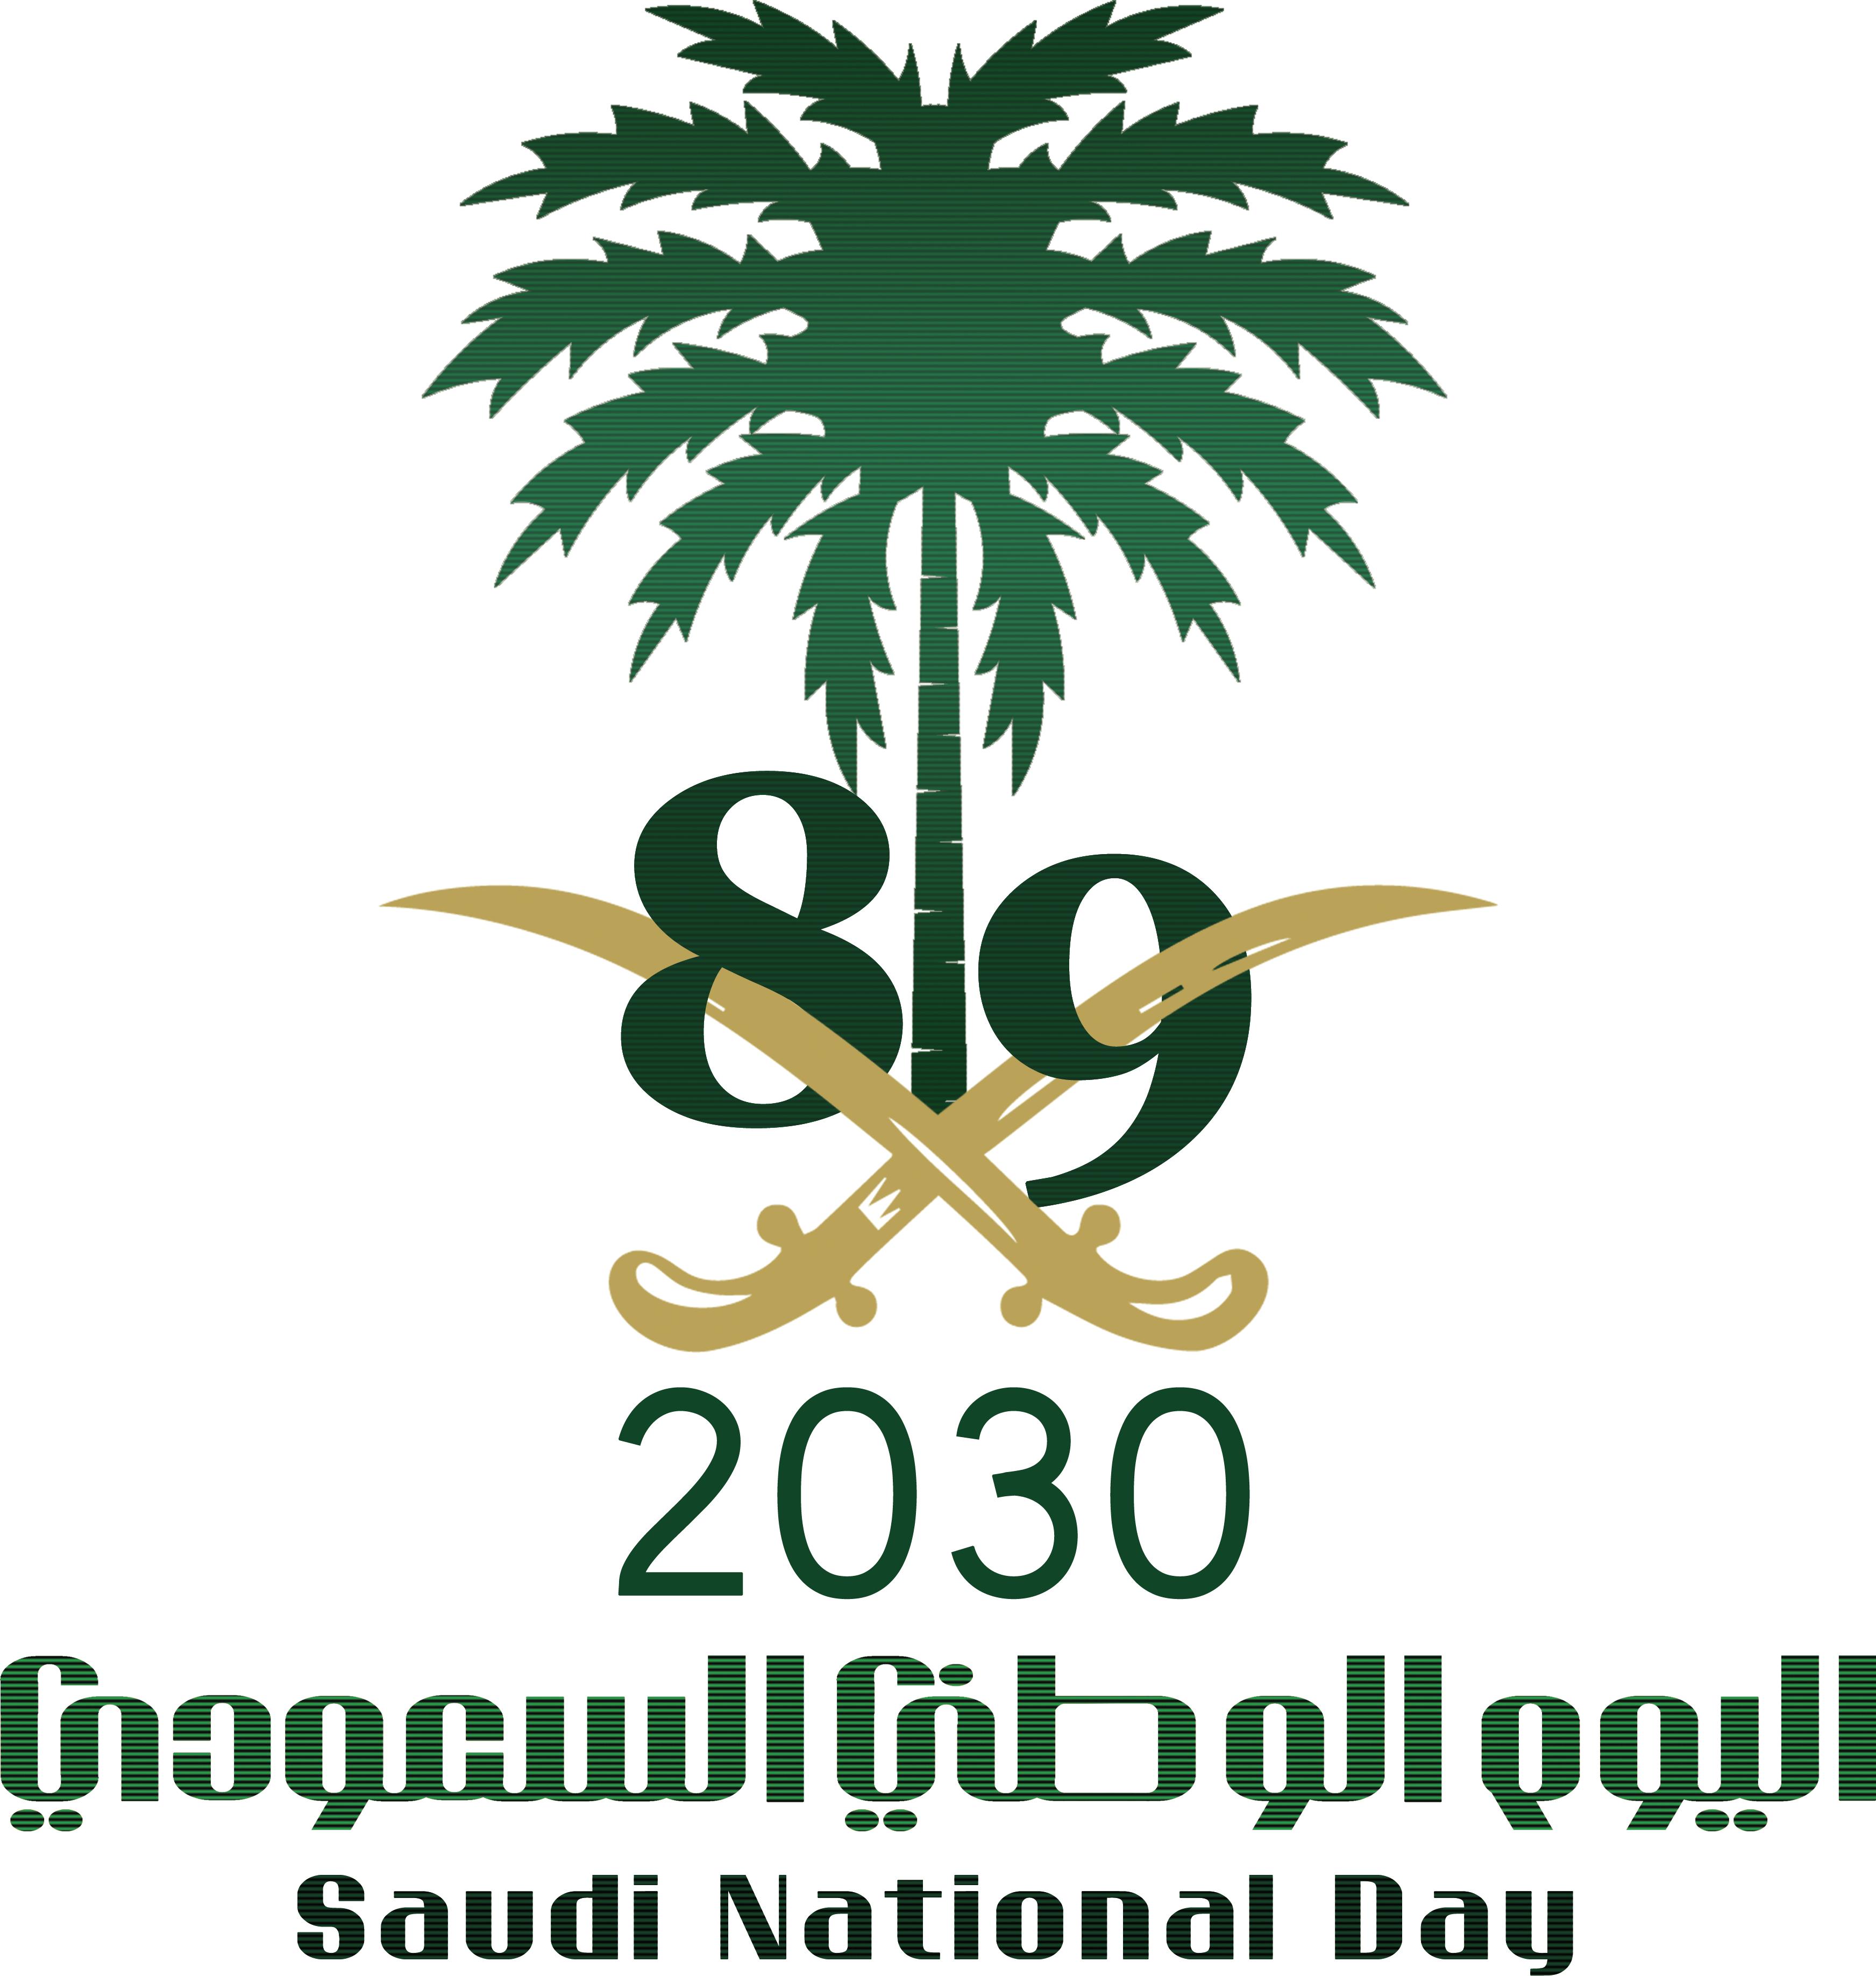 تصاميم لليوم الوطني 89 بجودة عالية صور Hd لليوم الوطني السعودي 1441 مجلة رجيم National Day Saudi National Day Picture Logo